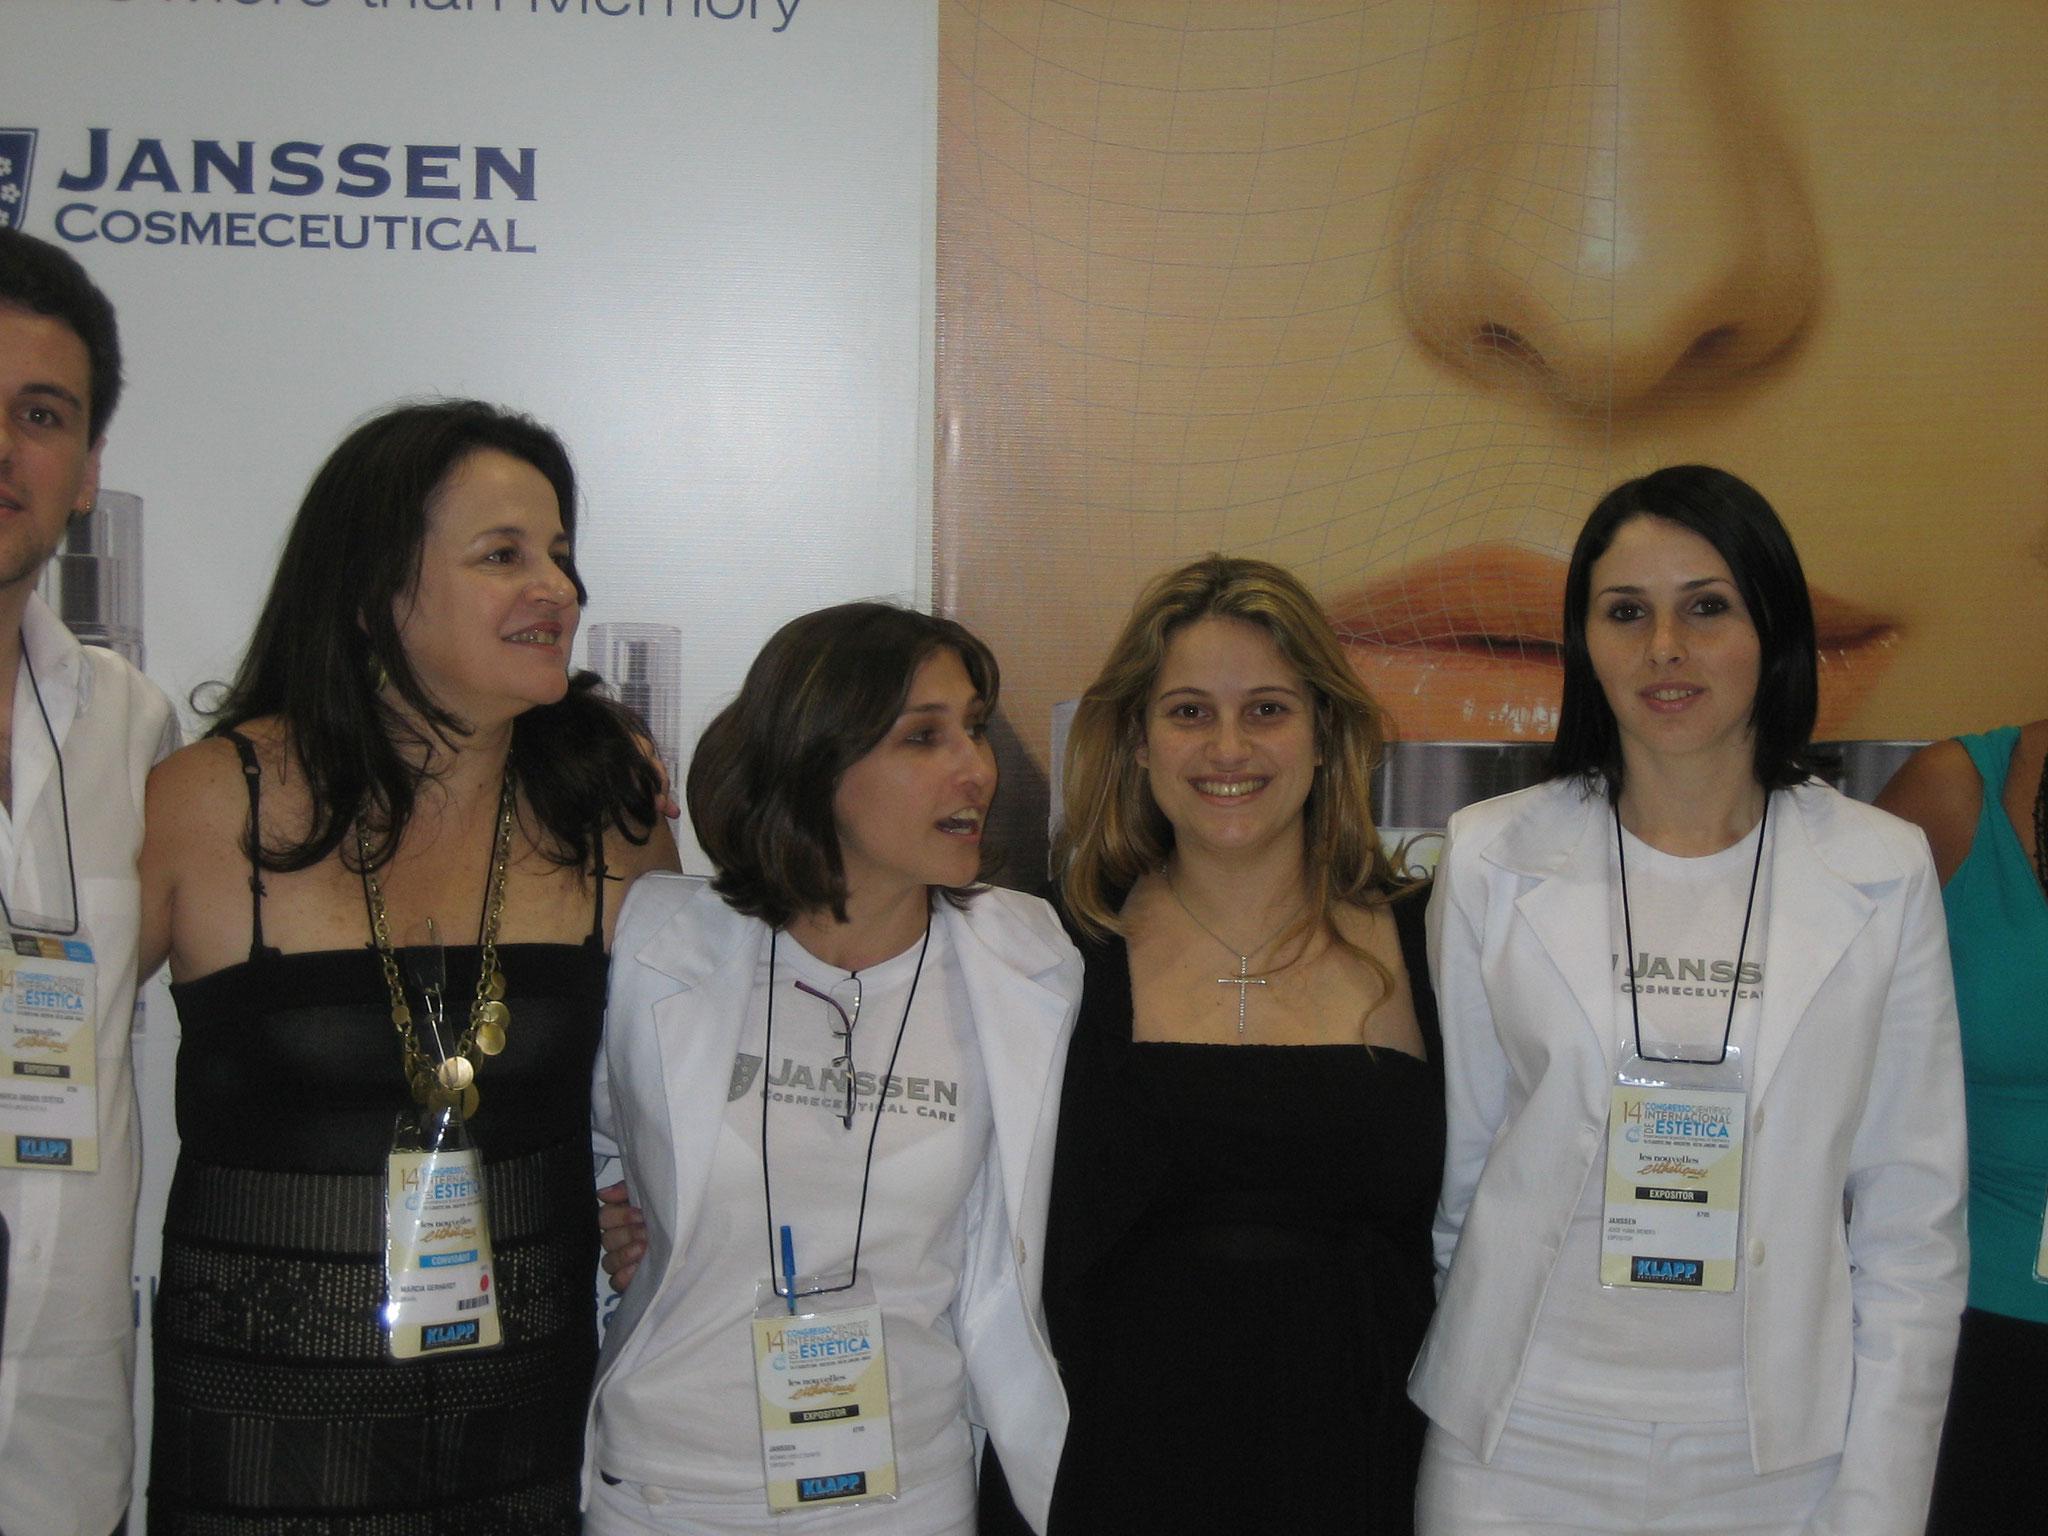 Dalikas sisters from San Francisco 2006